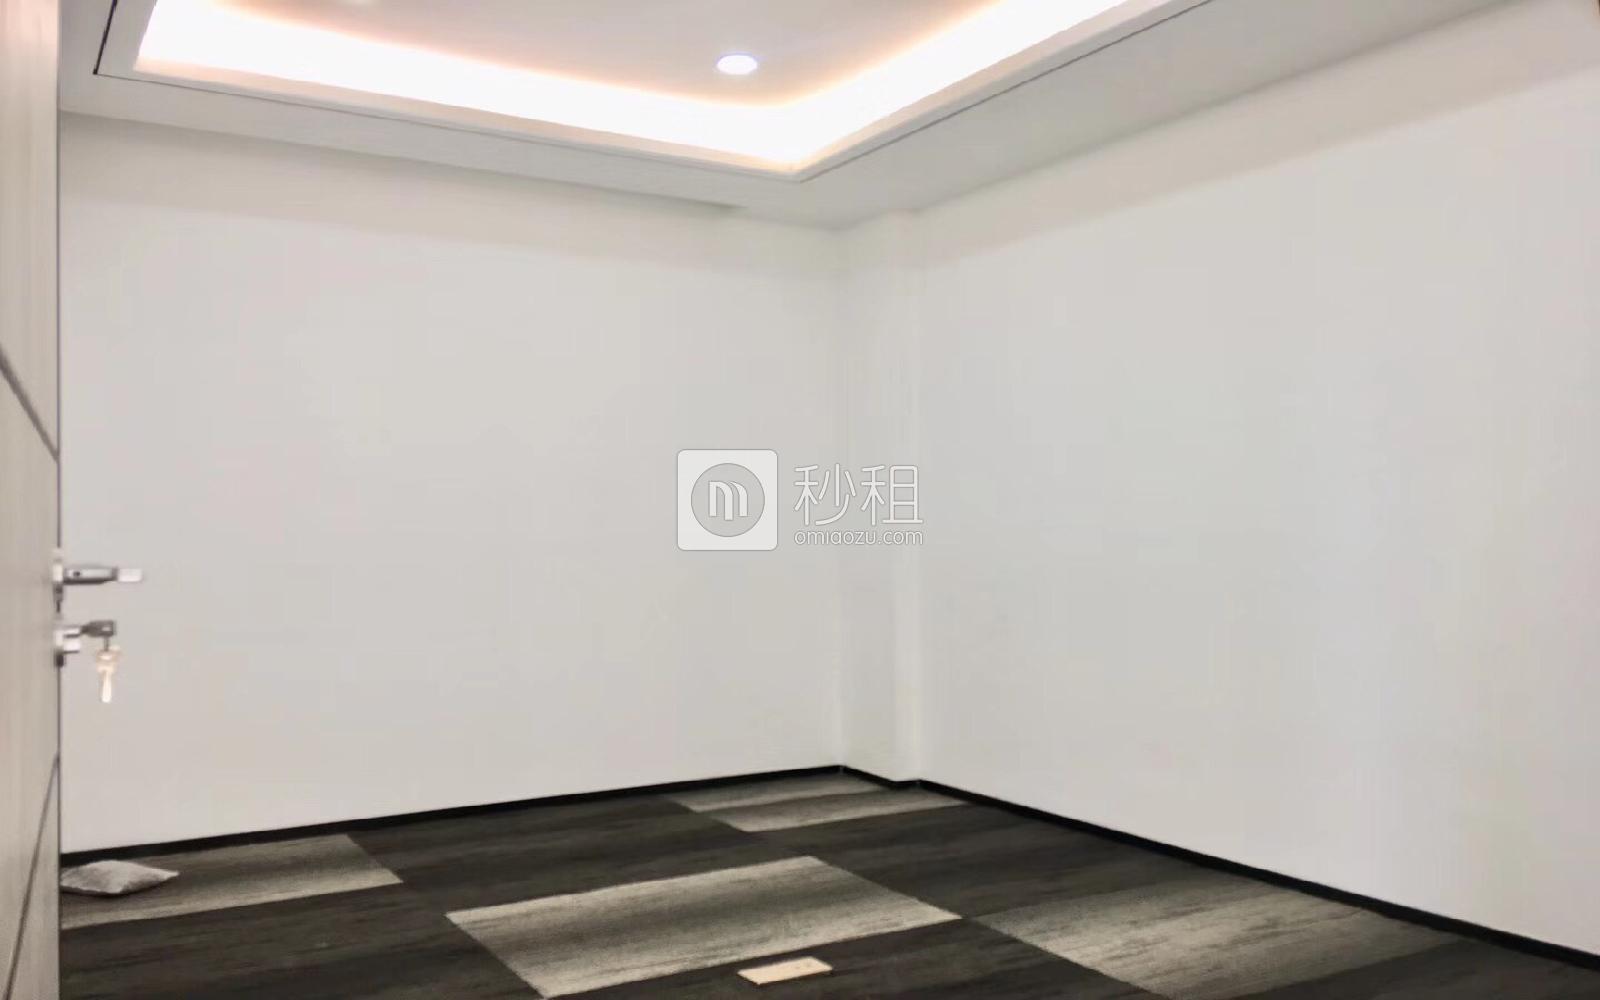 罗湖-东门 潮汕大厦 153m²